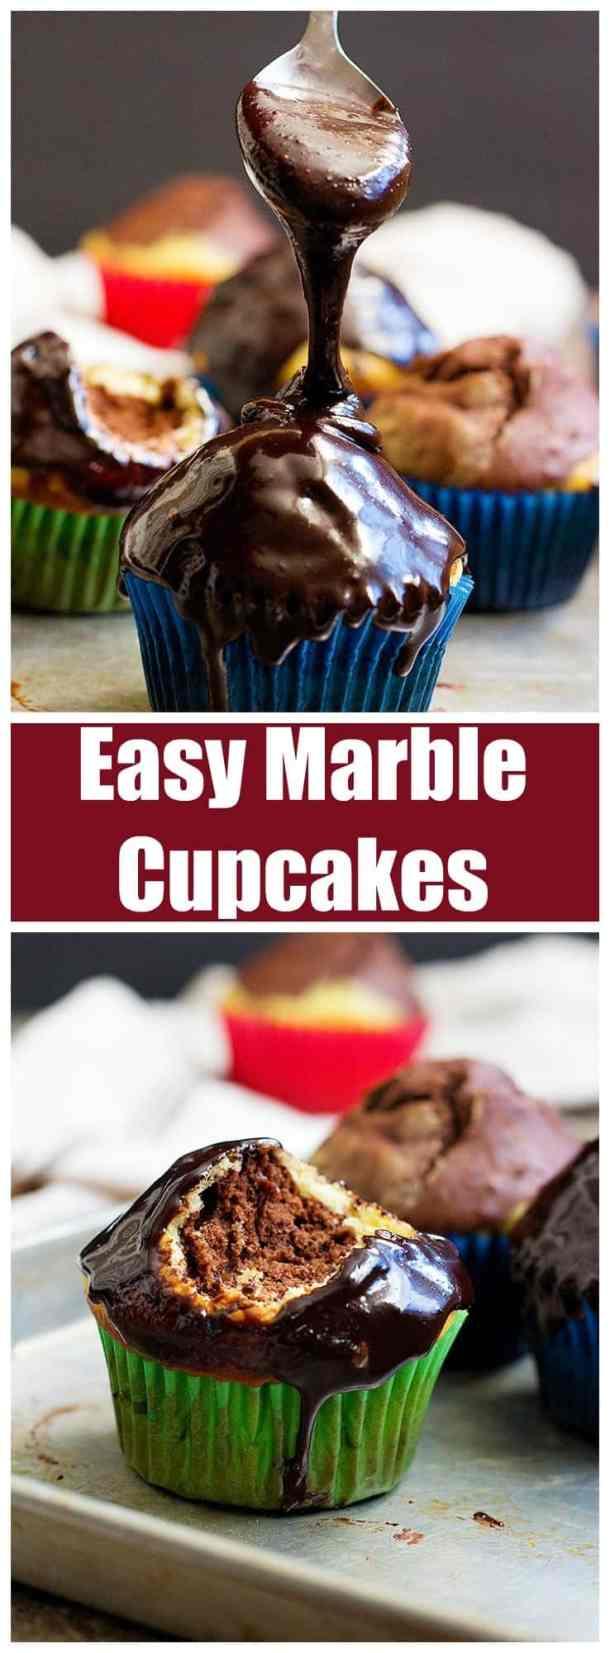 Marble Cupcakes | Marble Cupcakes Recipe | Marble Cupcakes Easy | Vanilla Chocolate Cupcakes | Vanilla Cupcakes | Easy Dessert